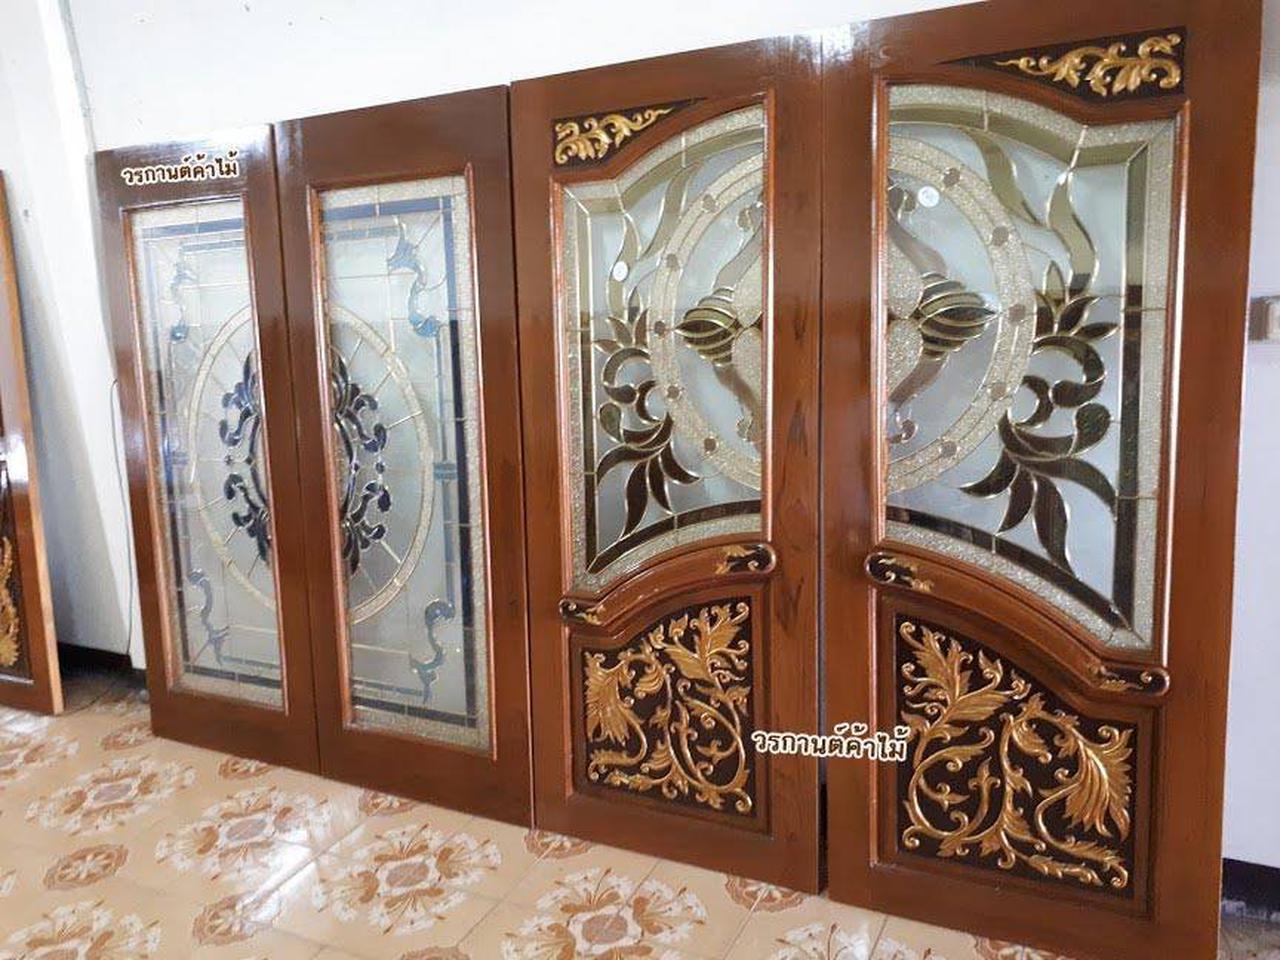 ประตูไม้สัก,ประตูไม้สักกระจกนิรภัย,ประตูไม้สักบานคู่,ประตูไม้สักบานเดี่ยว www.door-woodhome.com รูปที่ 5